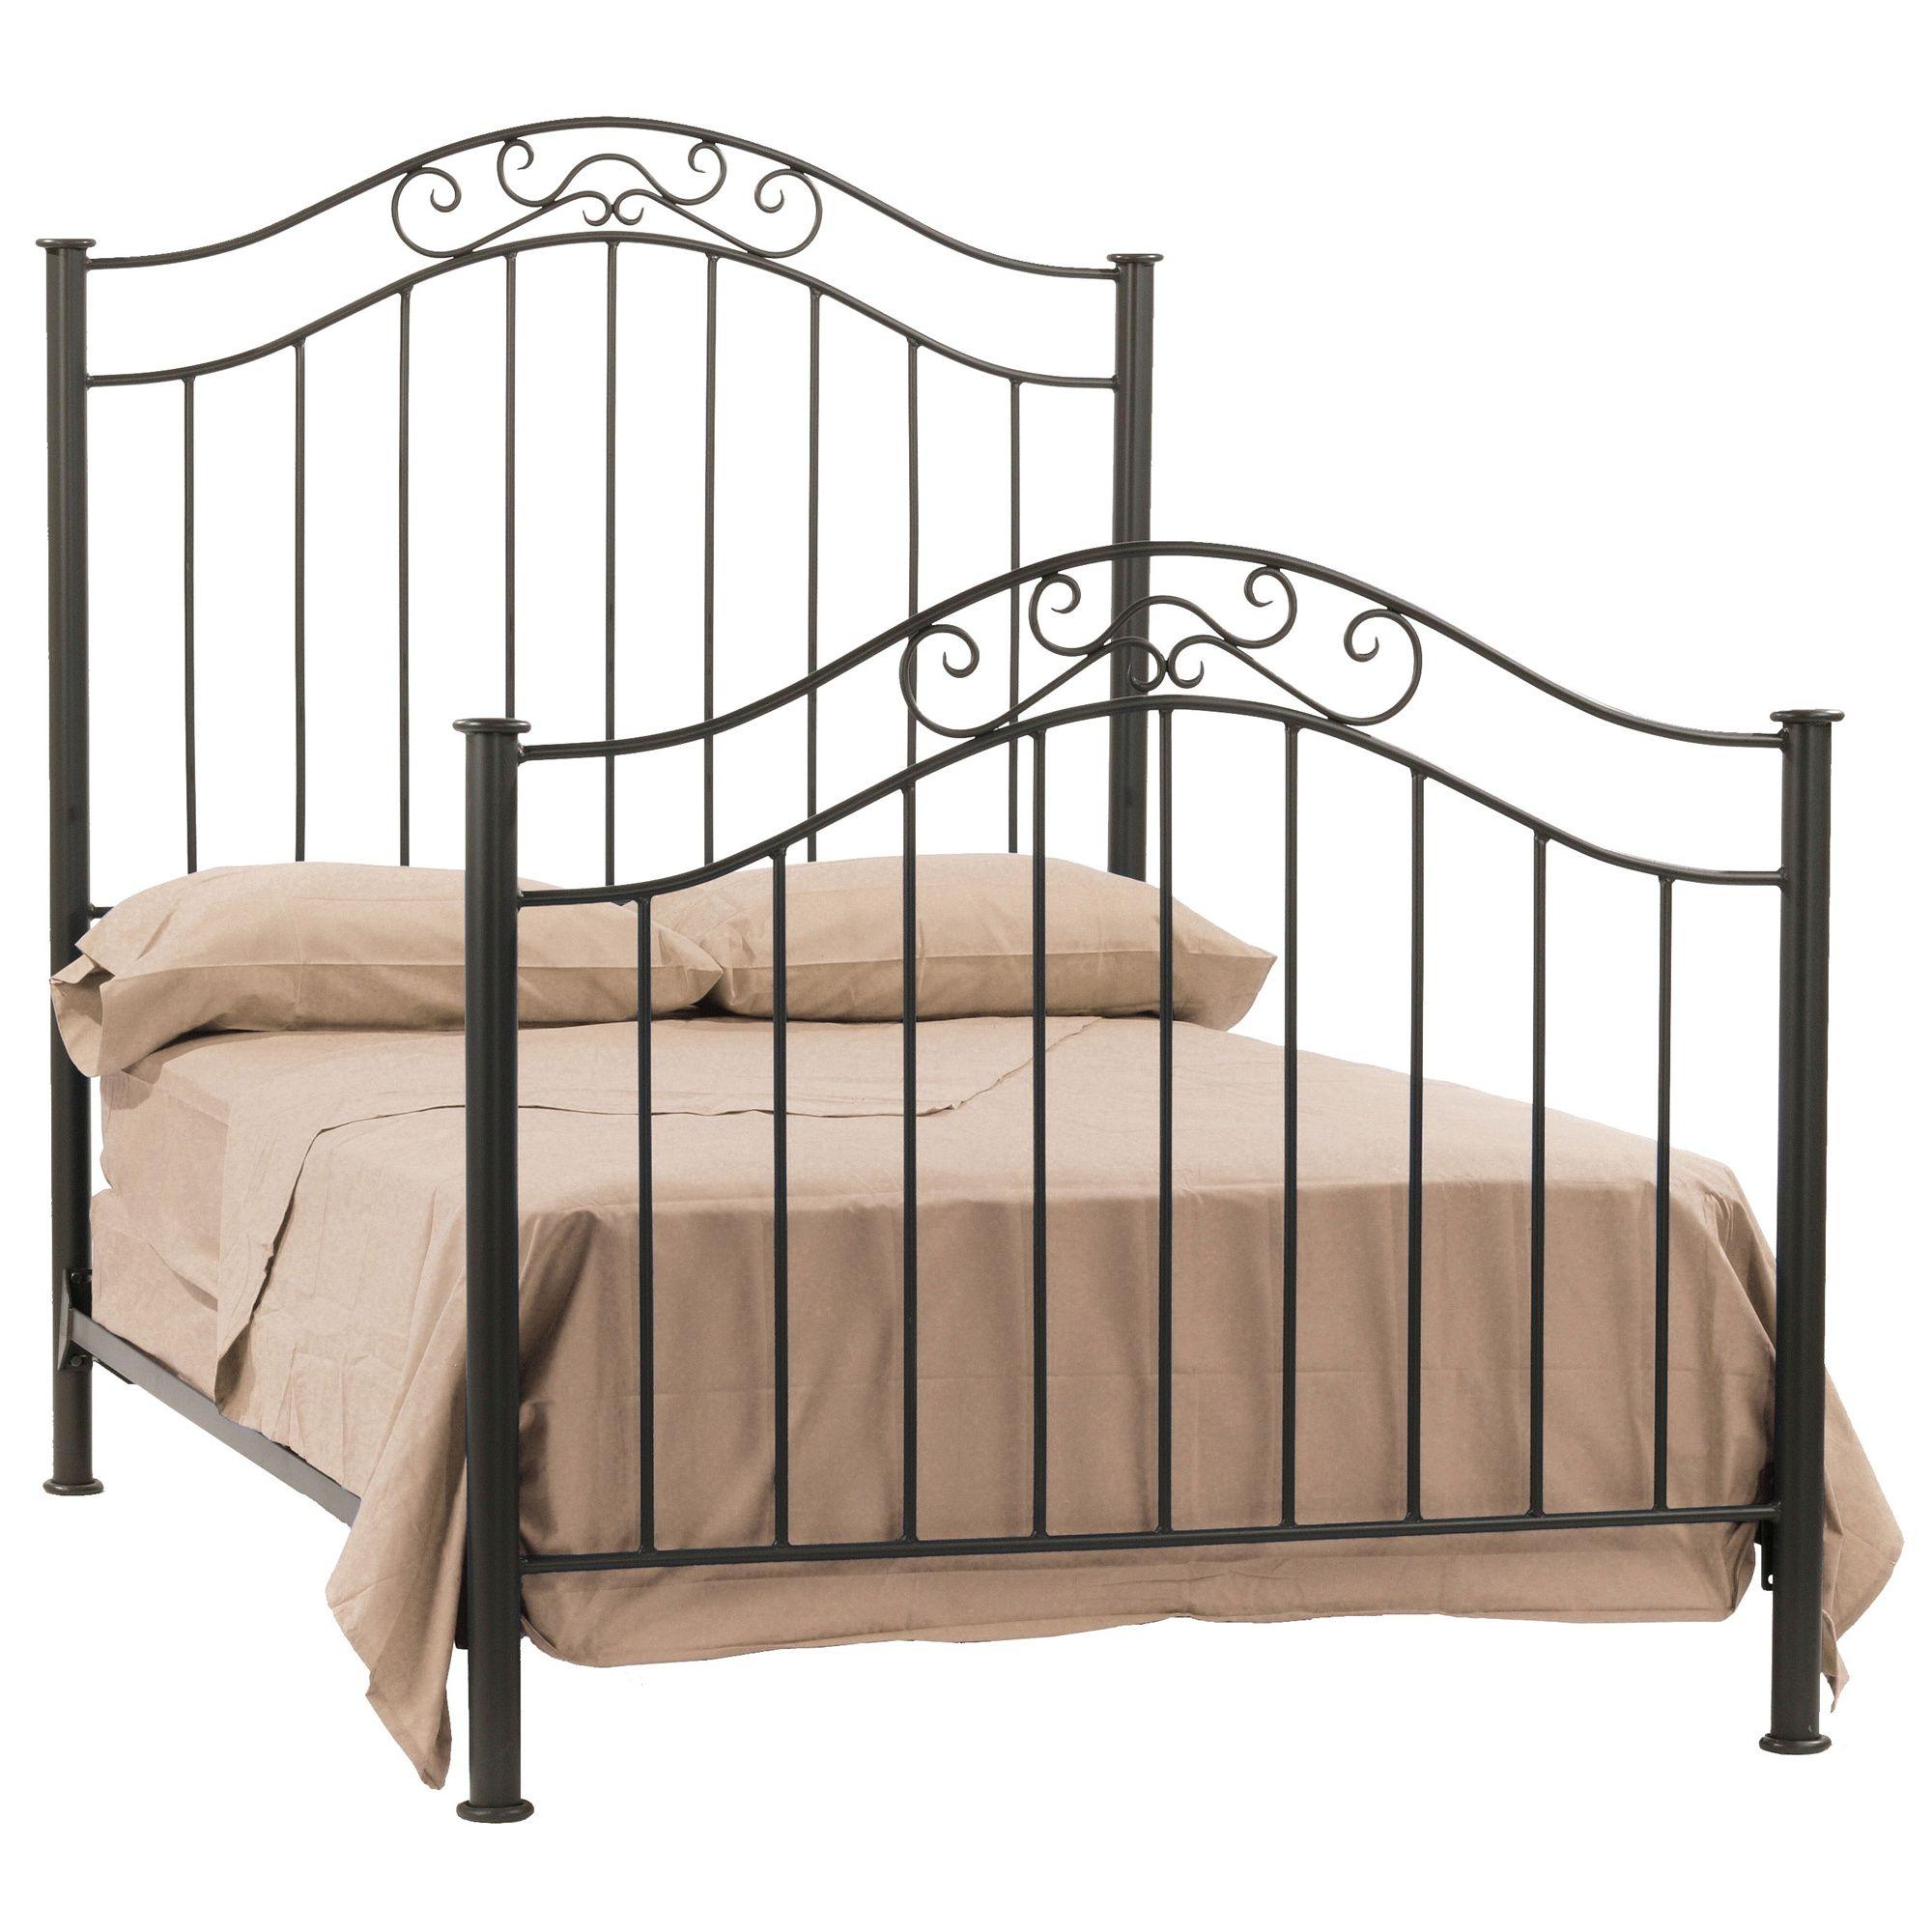 Iron Canopy Beds Inspirational Home Interior Design Ideas